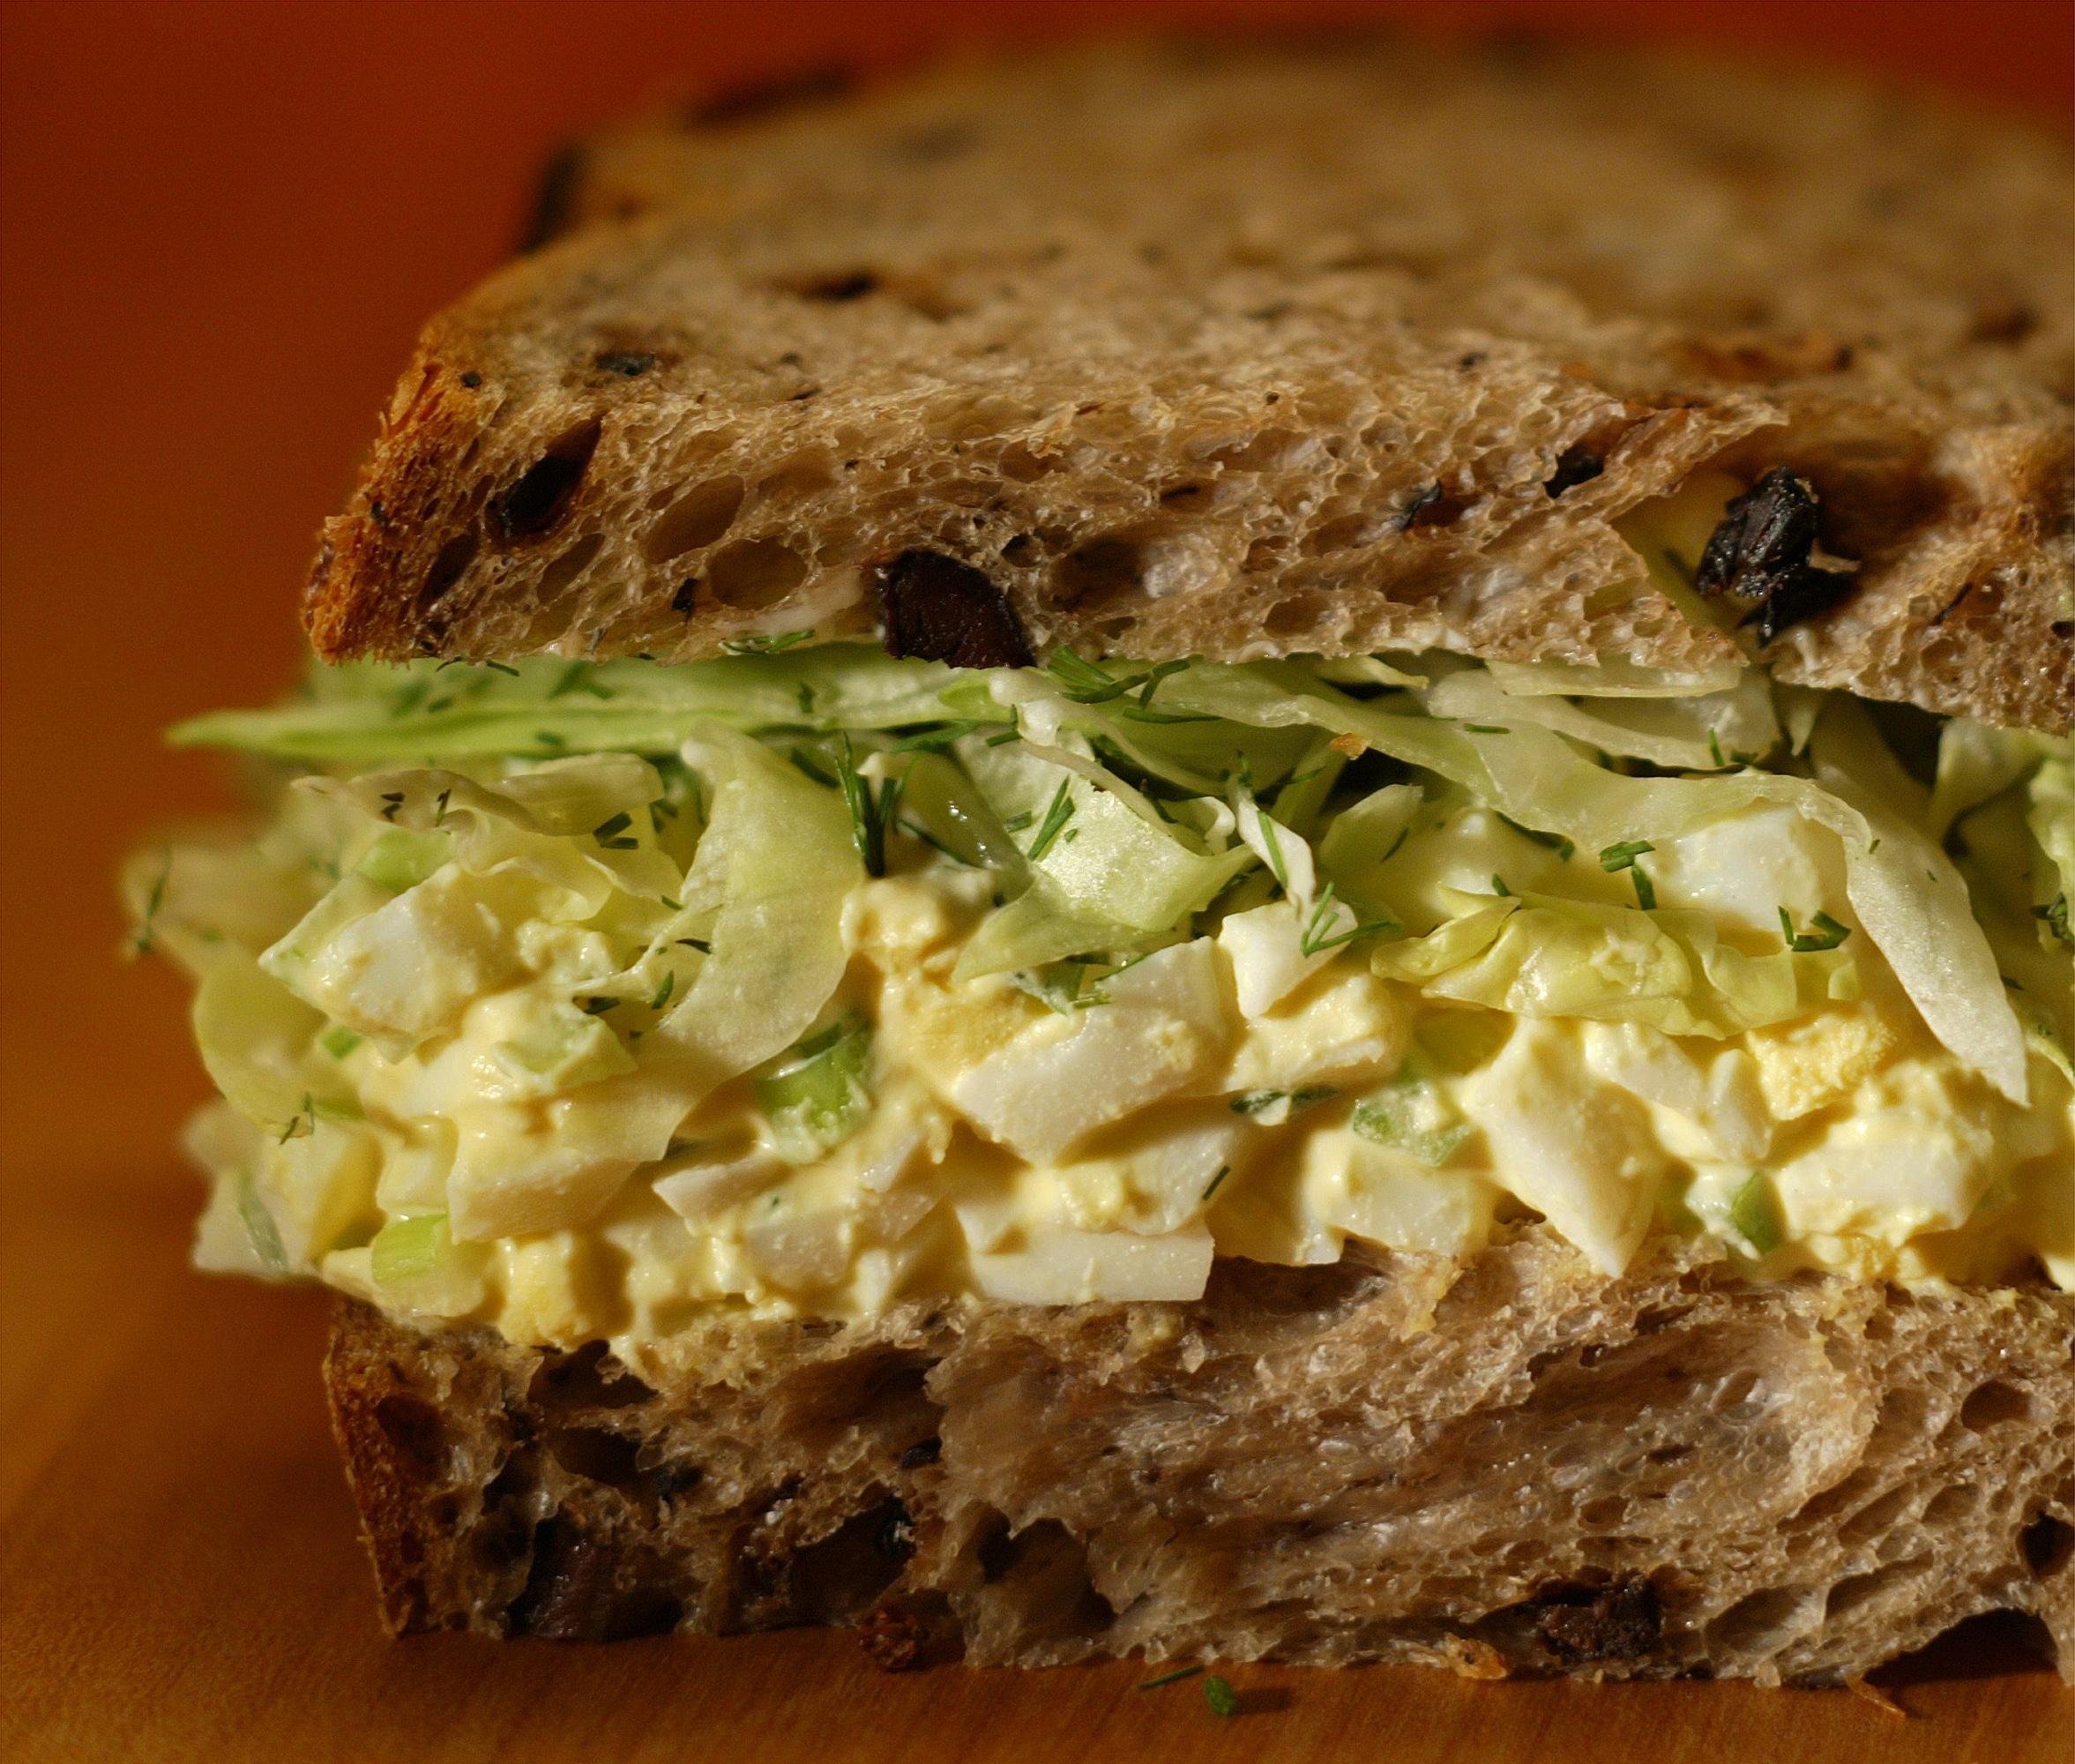 Deviled Egg salad sandwich.